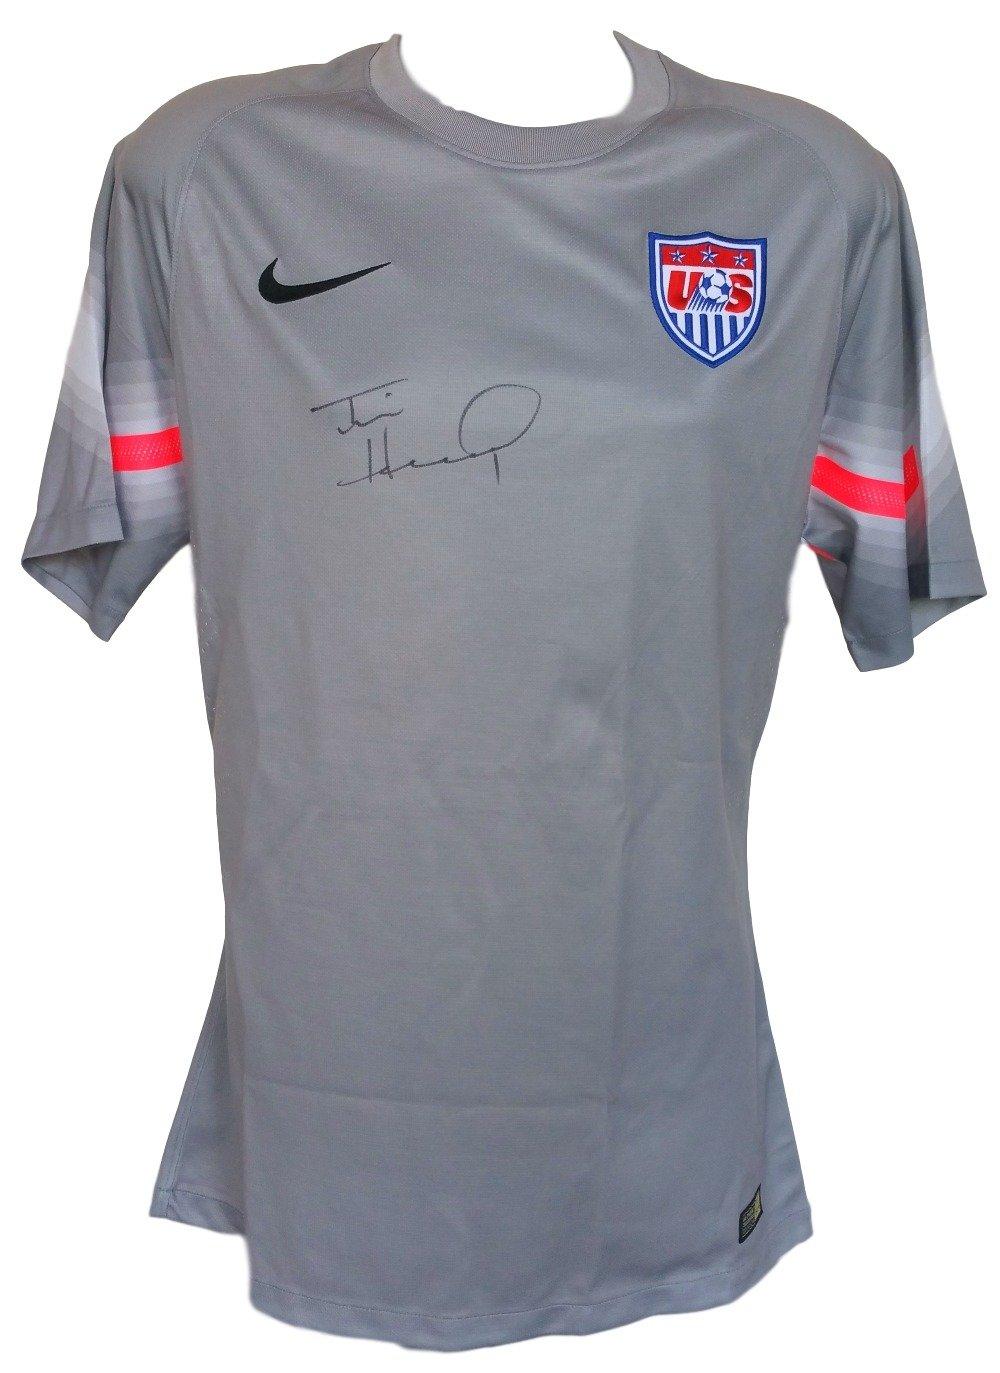 sale retailer 14427 7729f howard soccer jersey